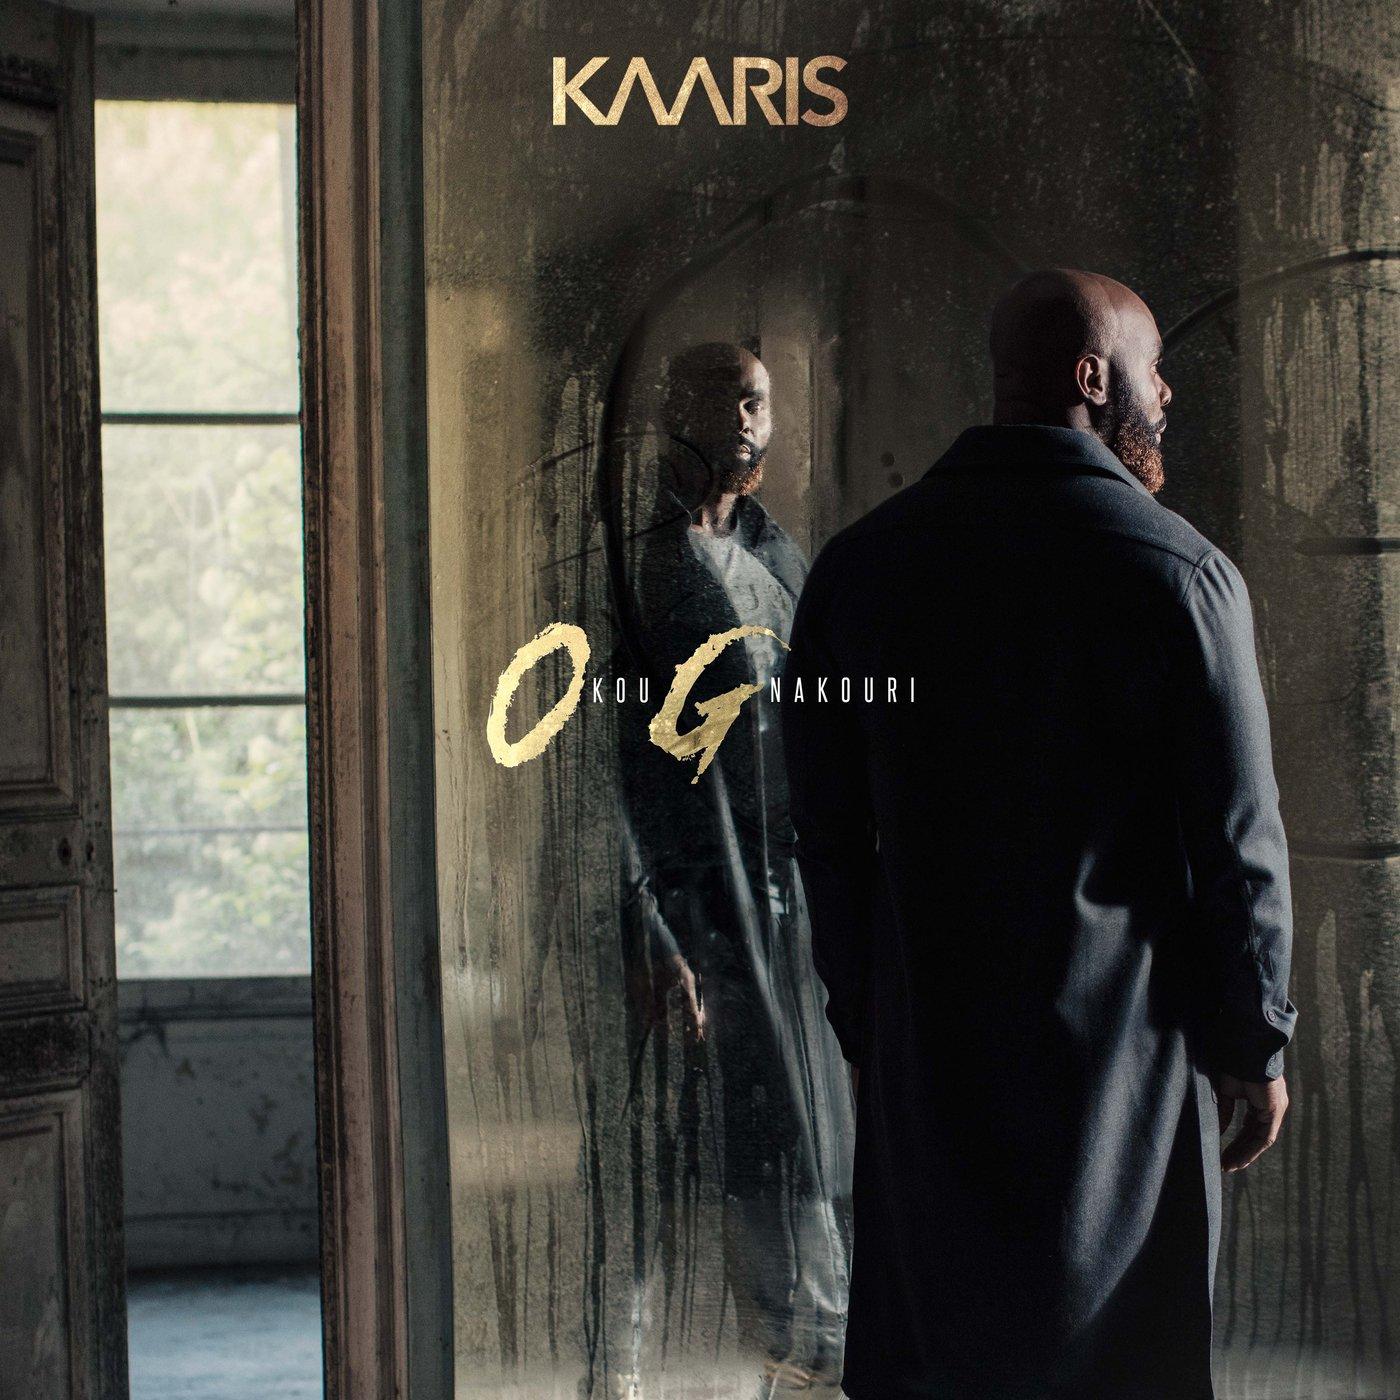 Kaaris - Okou Gnakouri [2016]